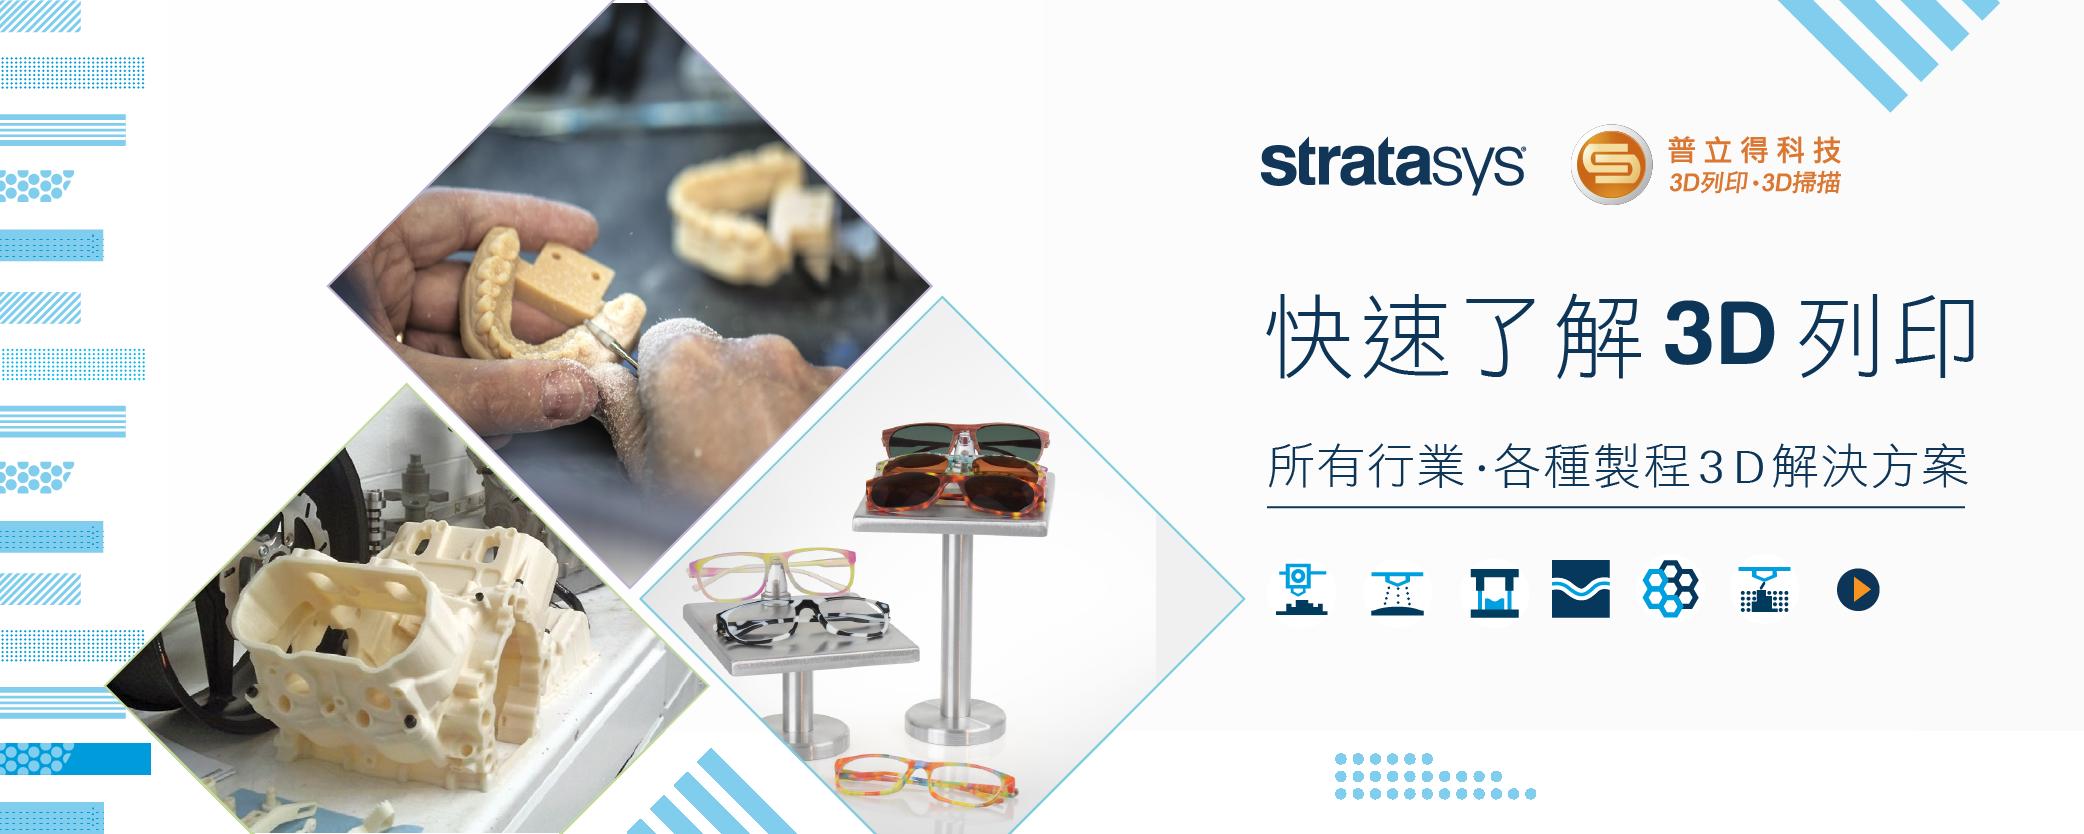 快速體驗Stratasys 3D列印解決方案